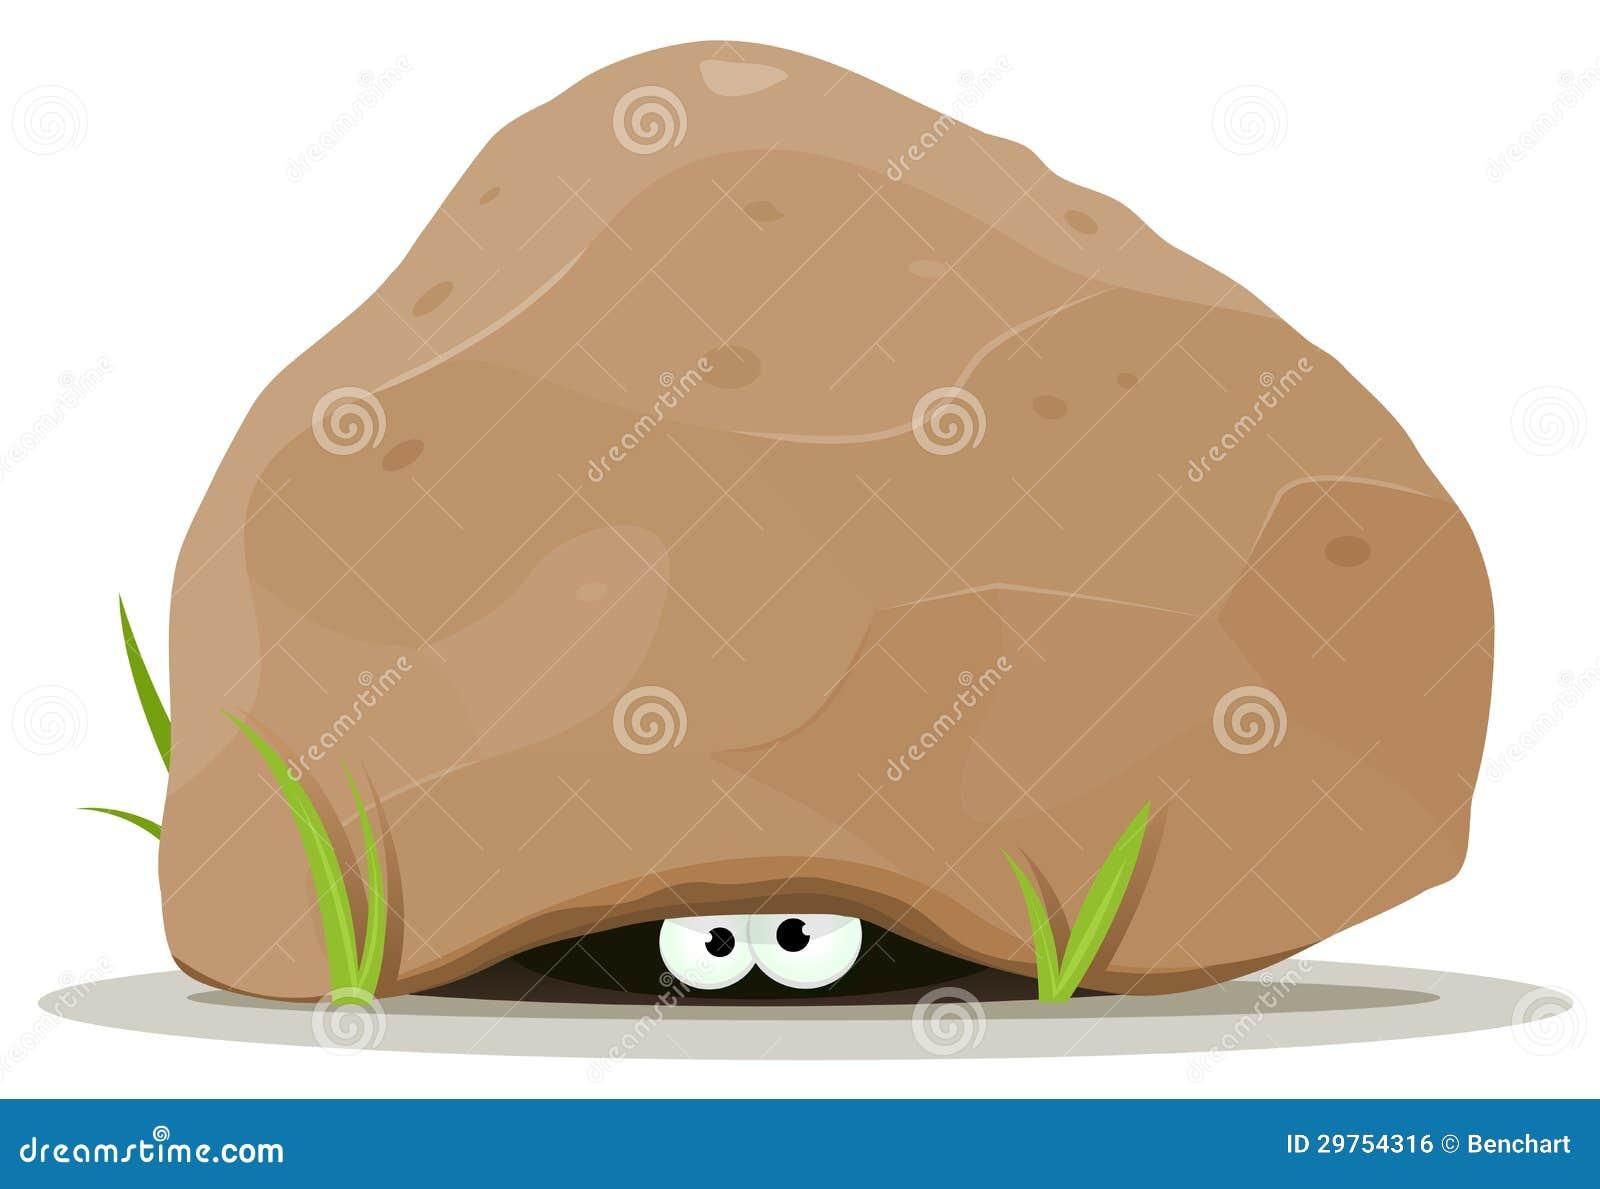 De dierlijke ogen van het beeldverhaal onder grote steen vector illustratie afbeelding 29754316 - Ogen grappig ...